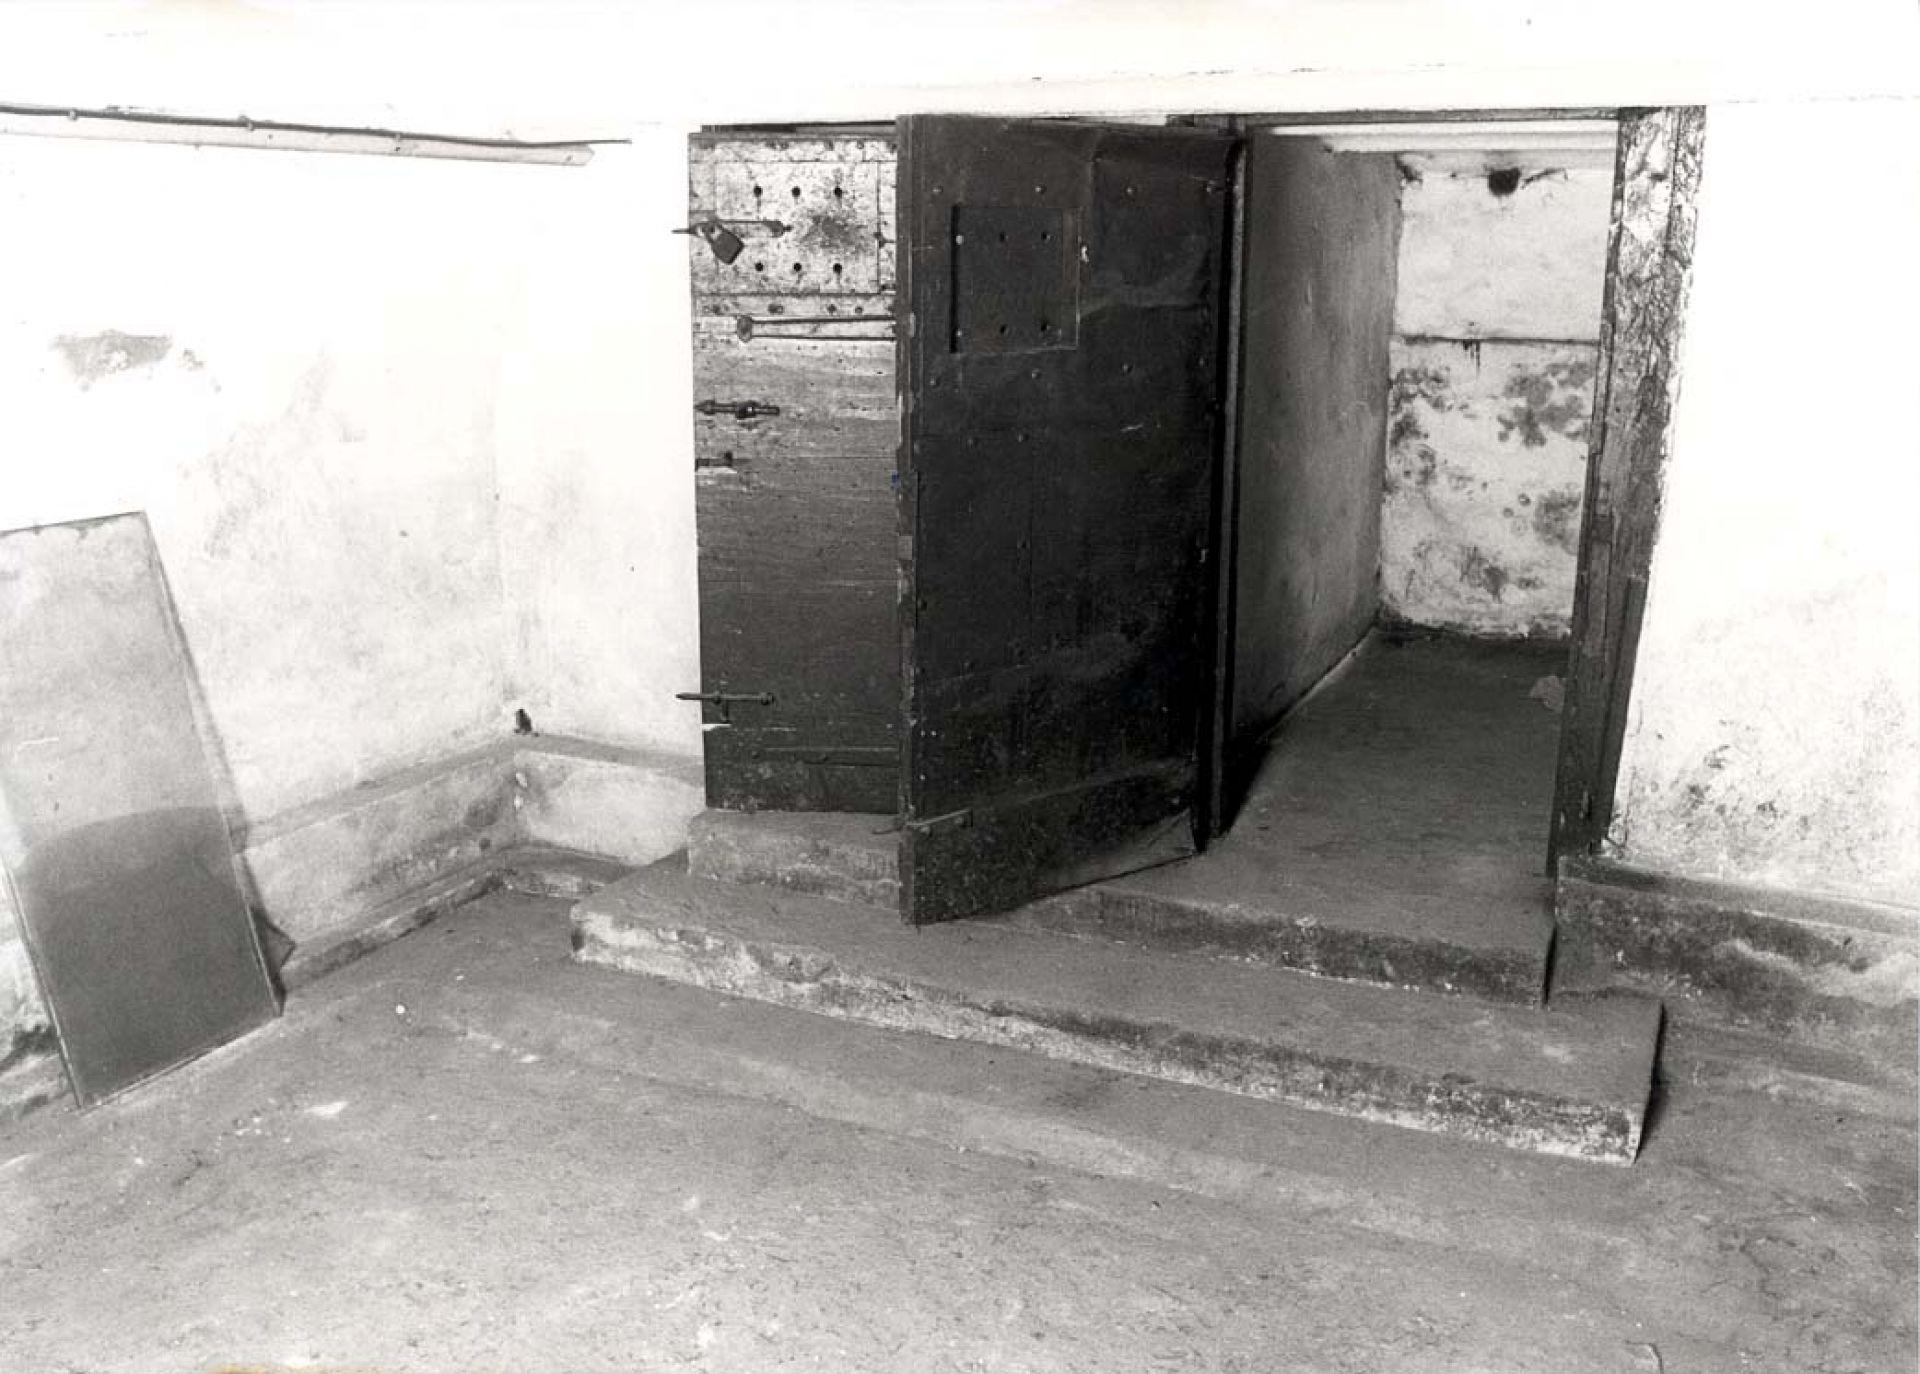 De geschiedenis van Delden in Beeld - Kijkje in Deldense gevangeniscellen